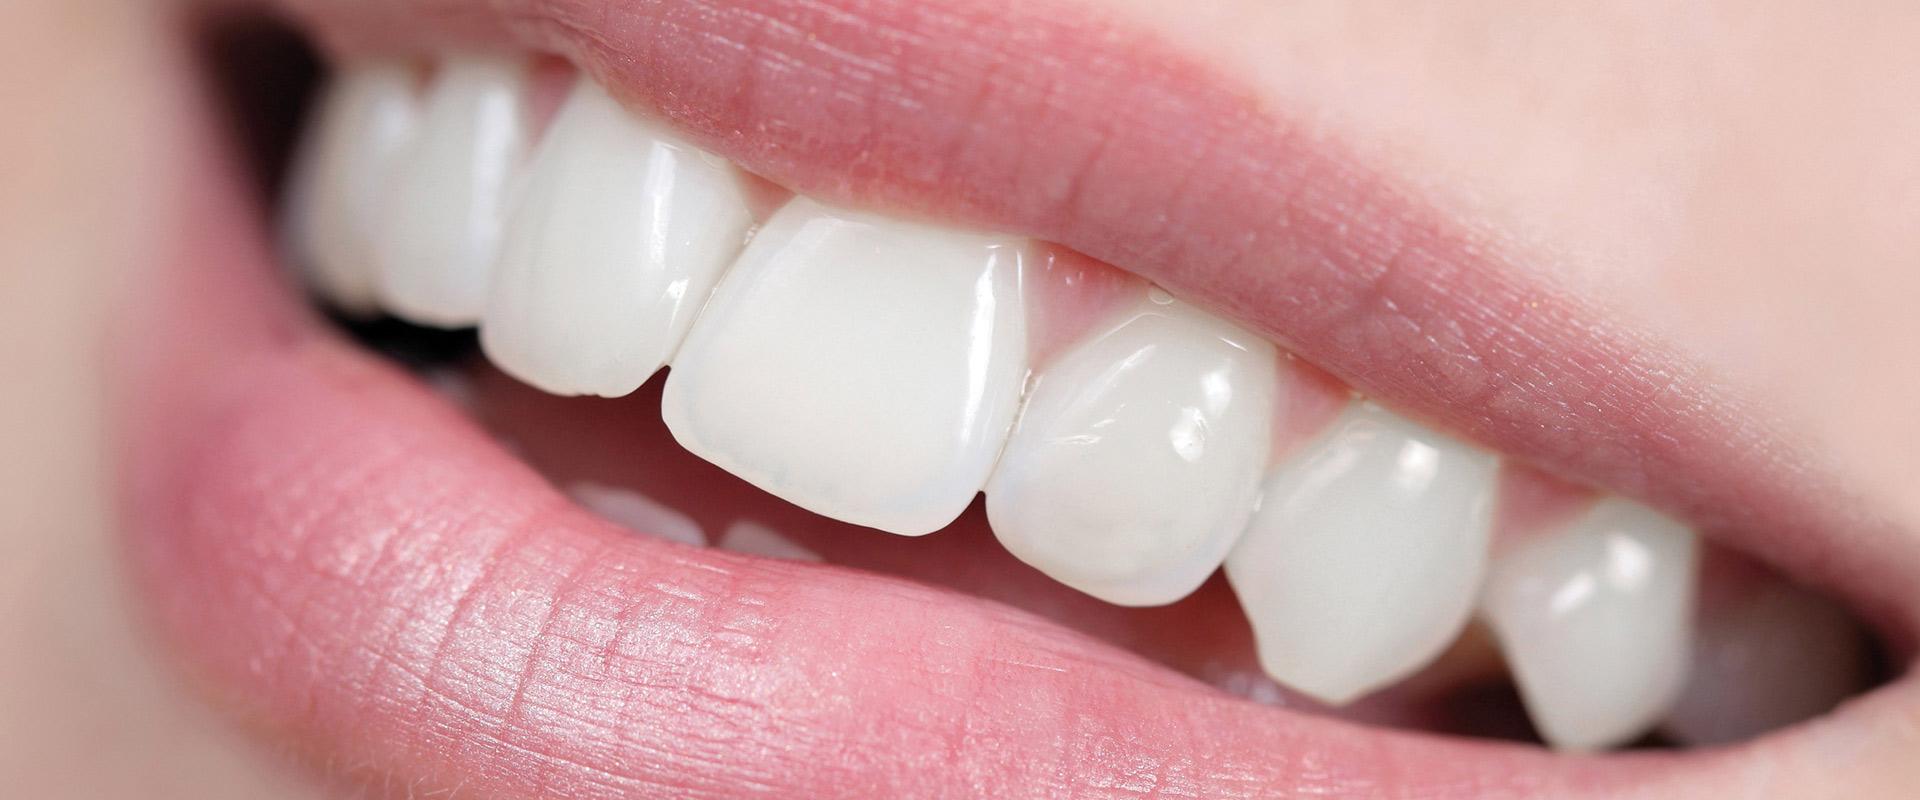 Zahnchirurgie in Itzehoe